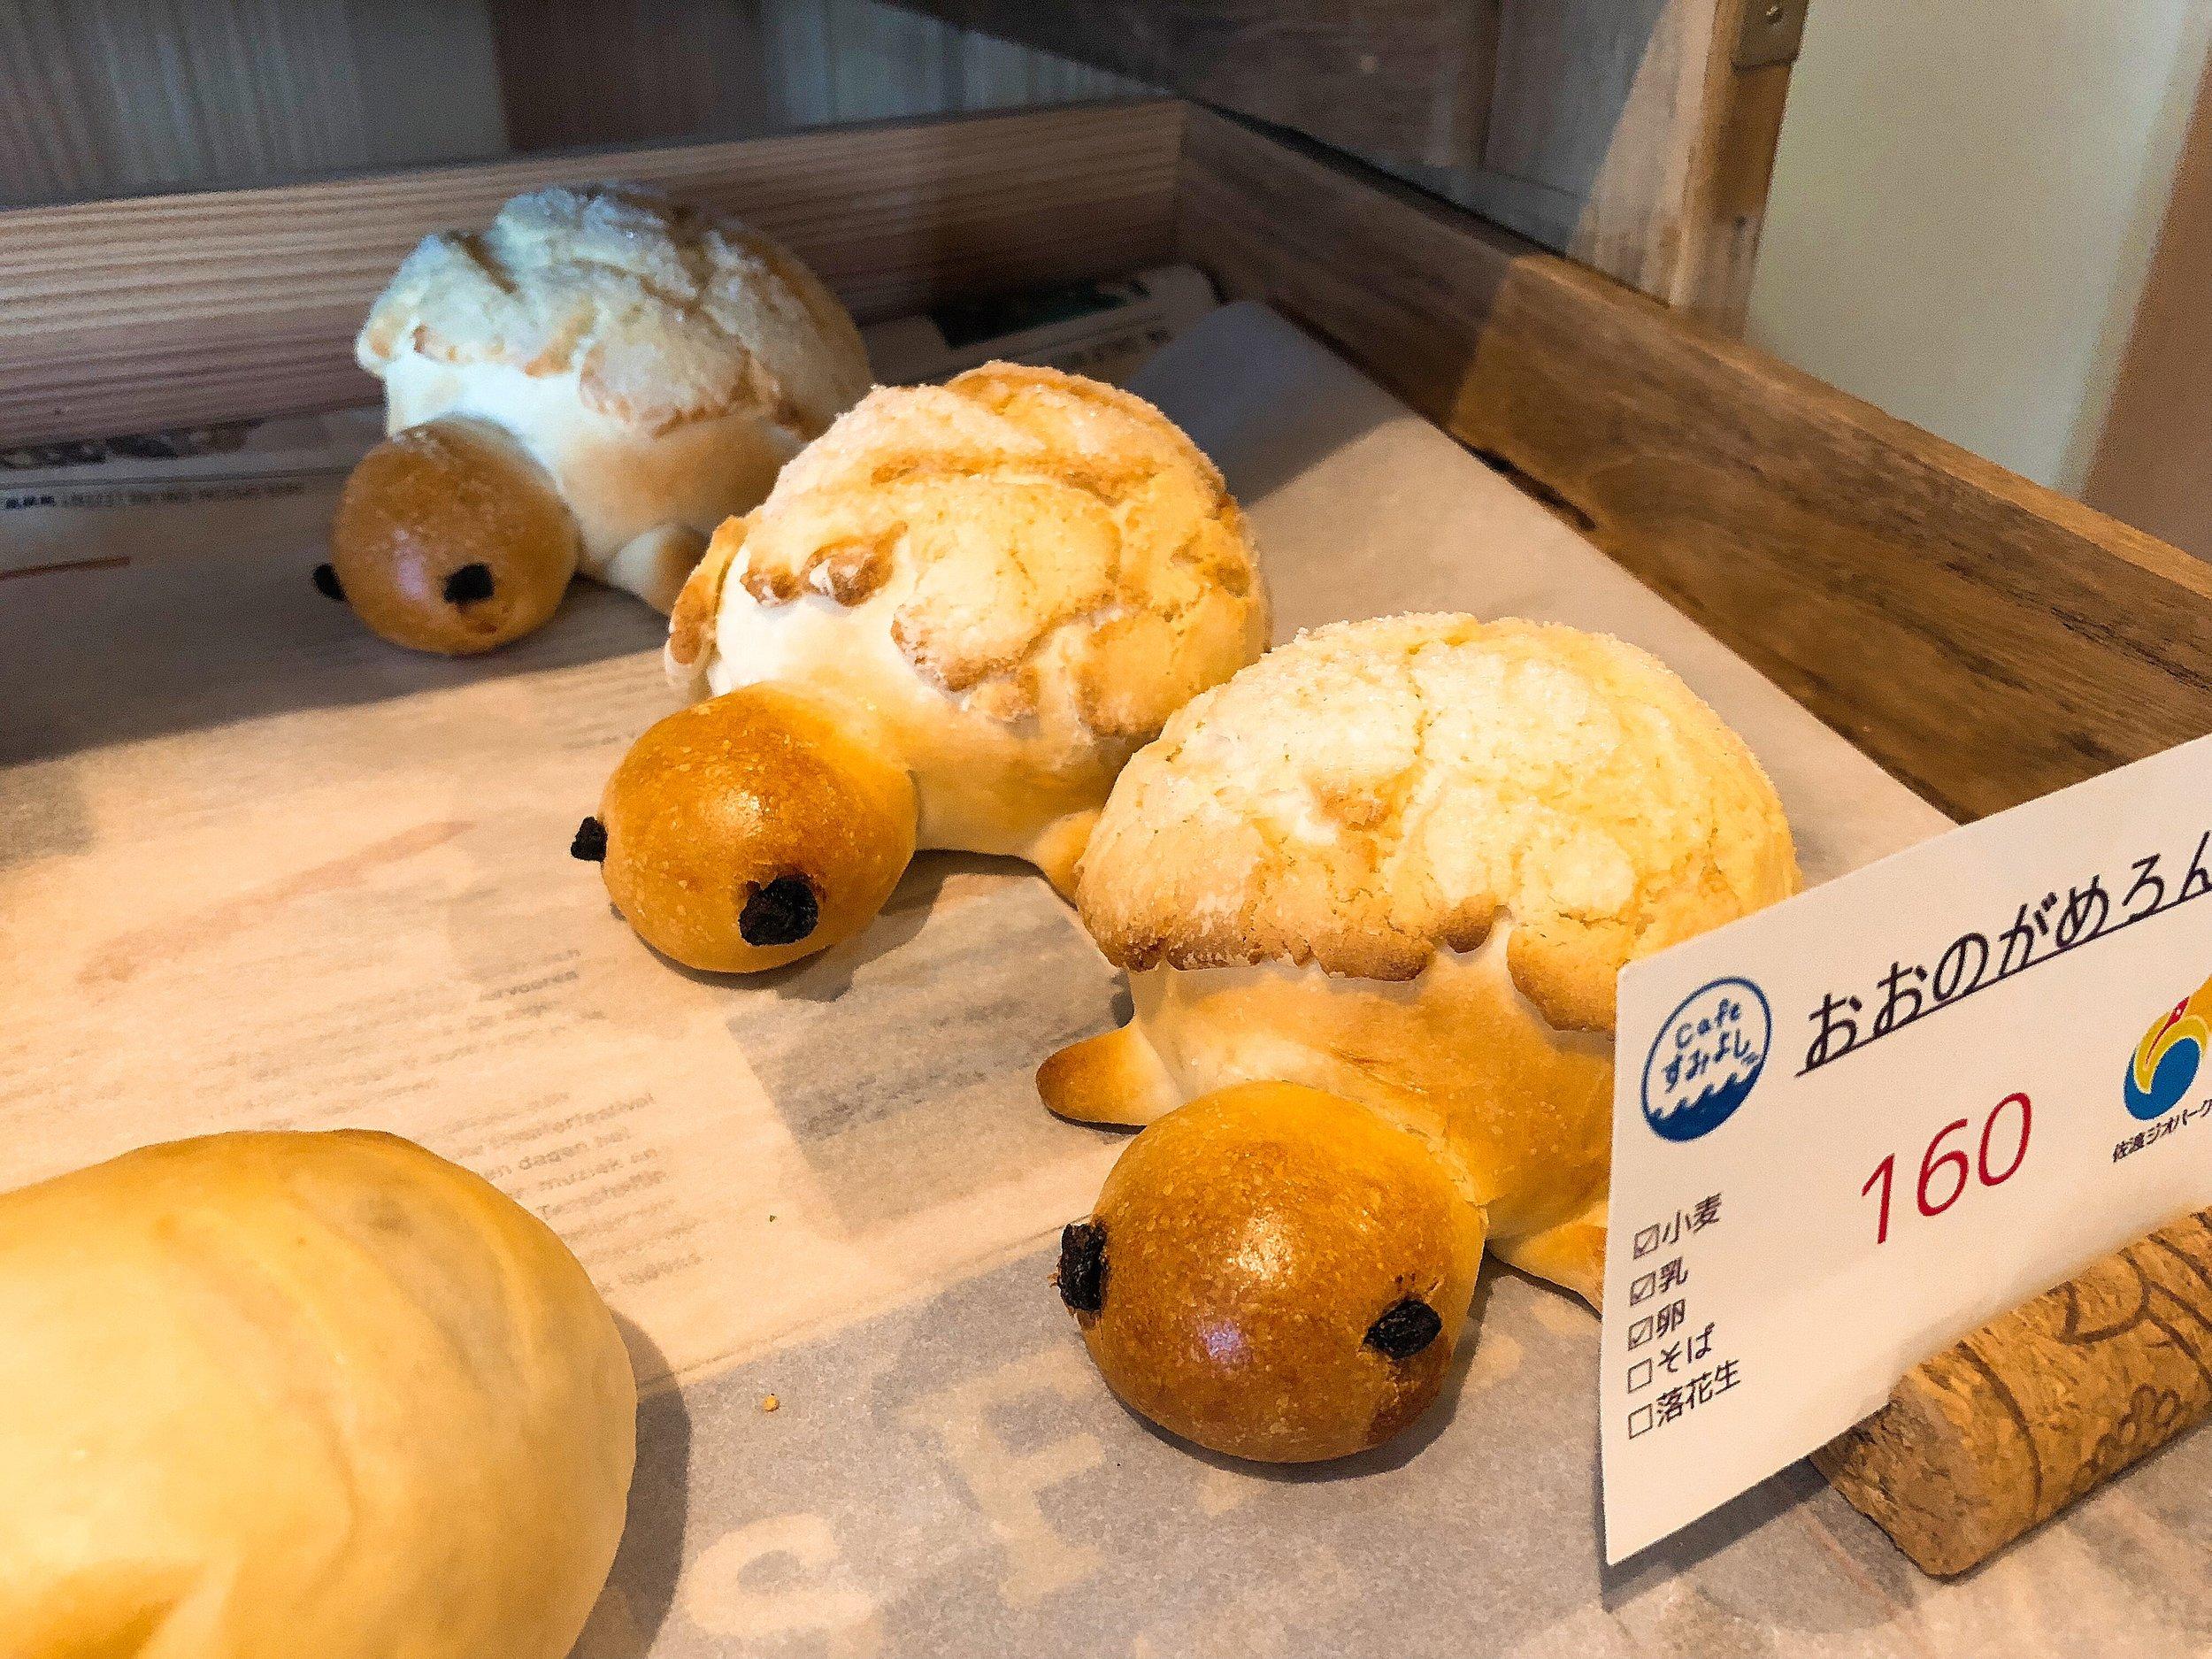 かふぇすみよしのパン「おおのがめろん」